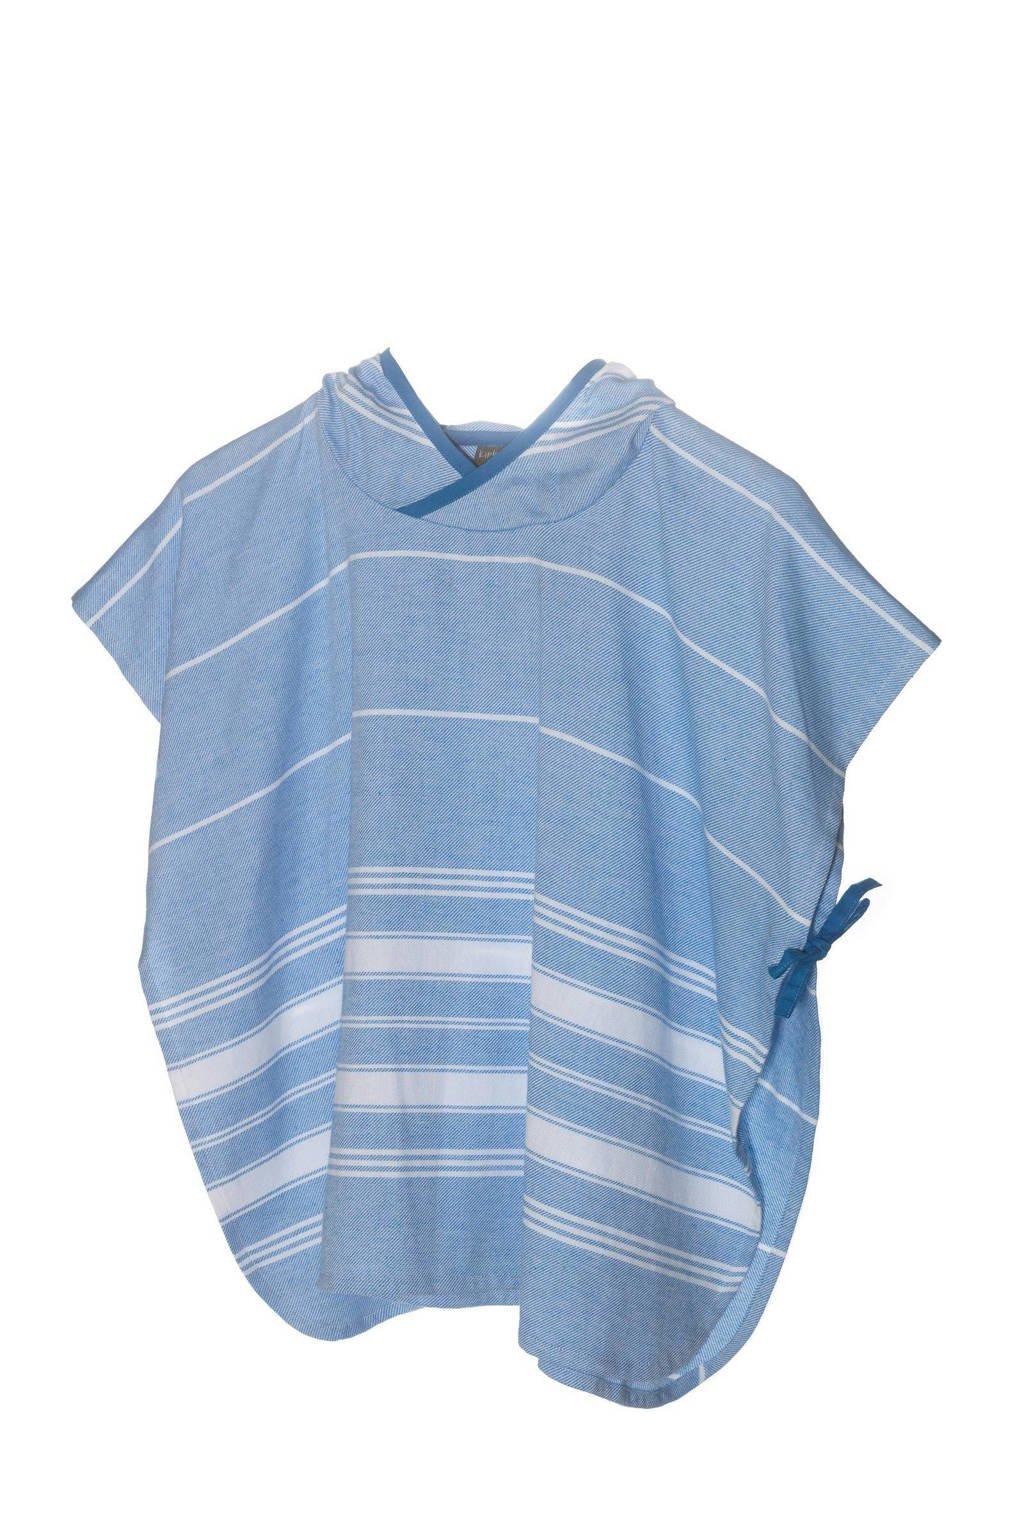 KipKep   Blenker poncho 4-7 jaar, Blauw